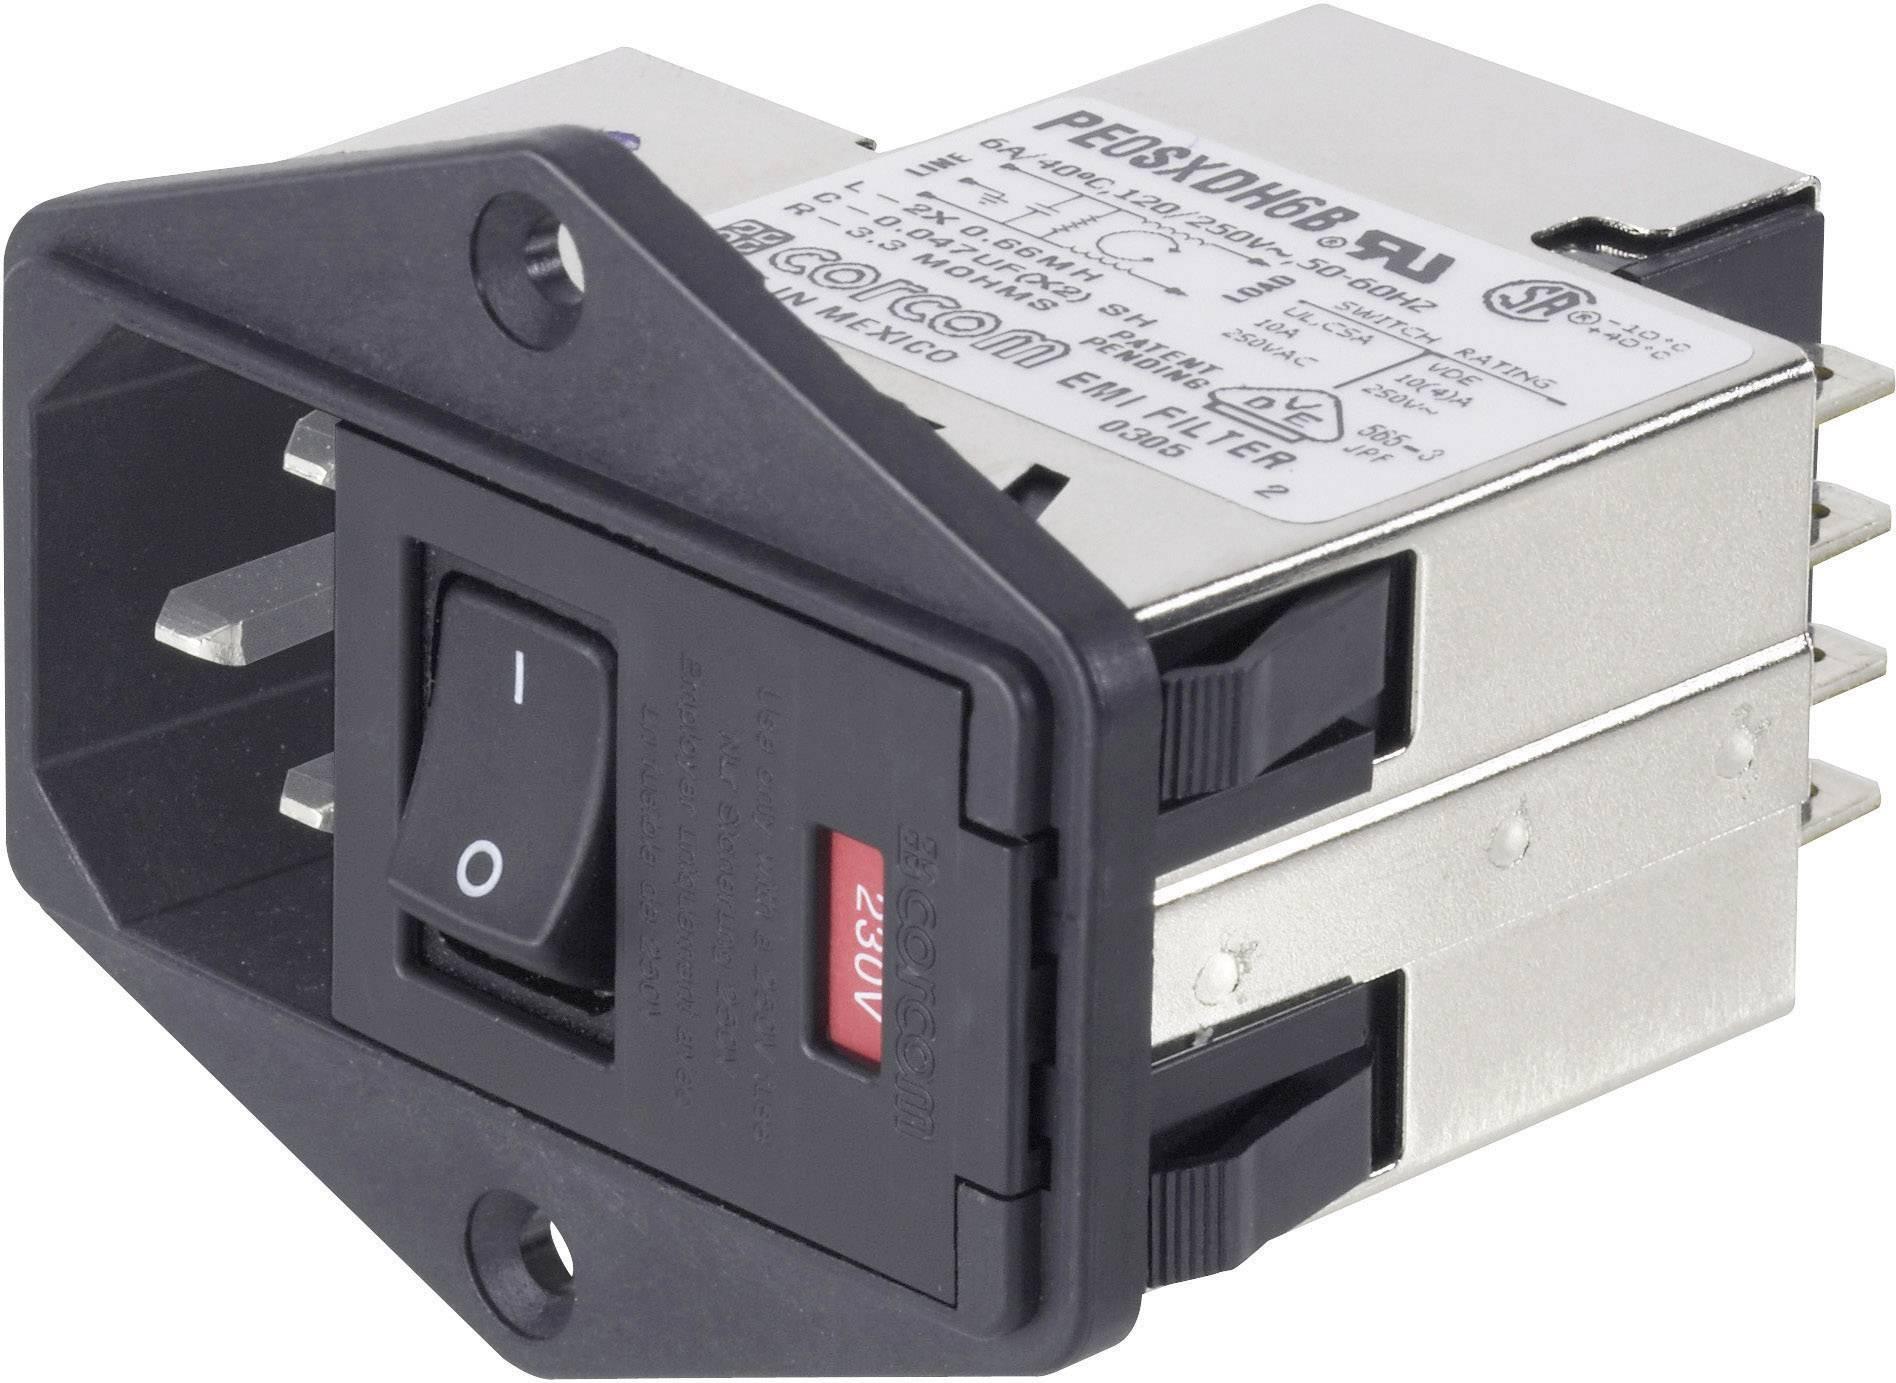 Sieťový filter TE Connectivity PS0SXDH6A=C1171 2-6609106-8, so spínačom, s dvoma poistkami, s IEC zásuvkou, 250 V/AC, 6 A, 1 ks